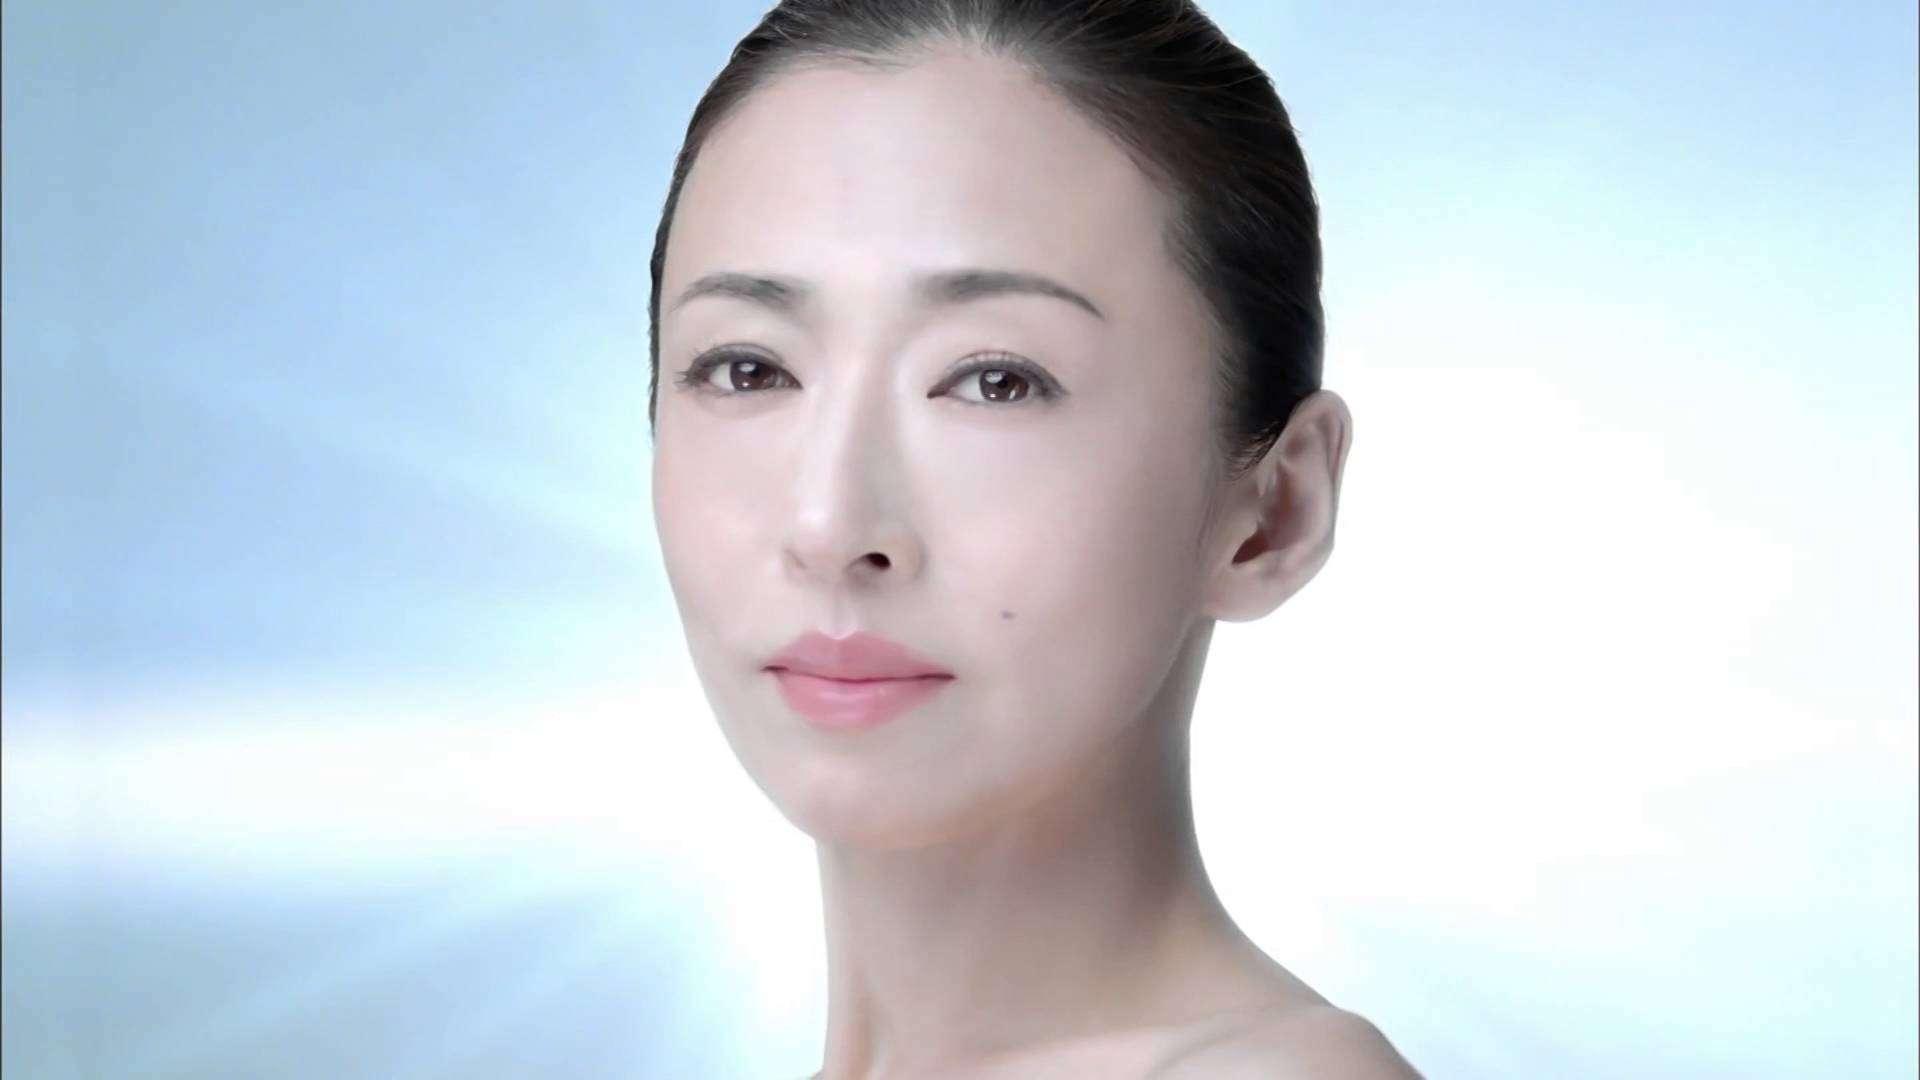 カネボウ DEW ボーテ「至福のとろみ」松雪泰子 - YouTube